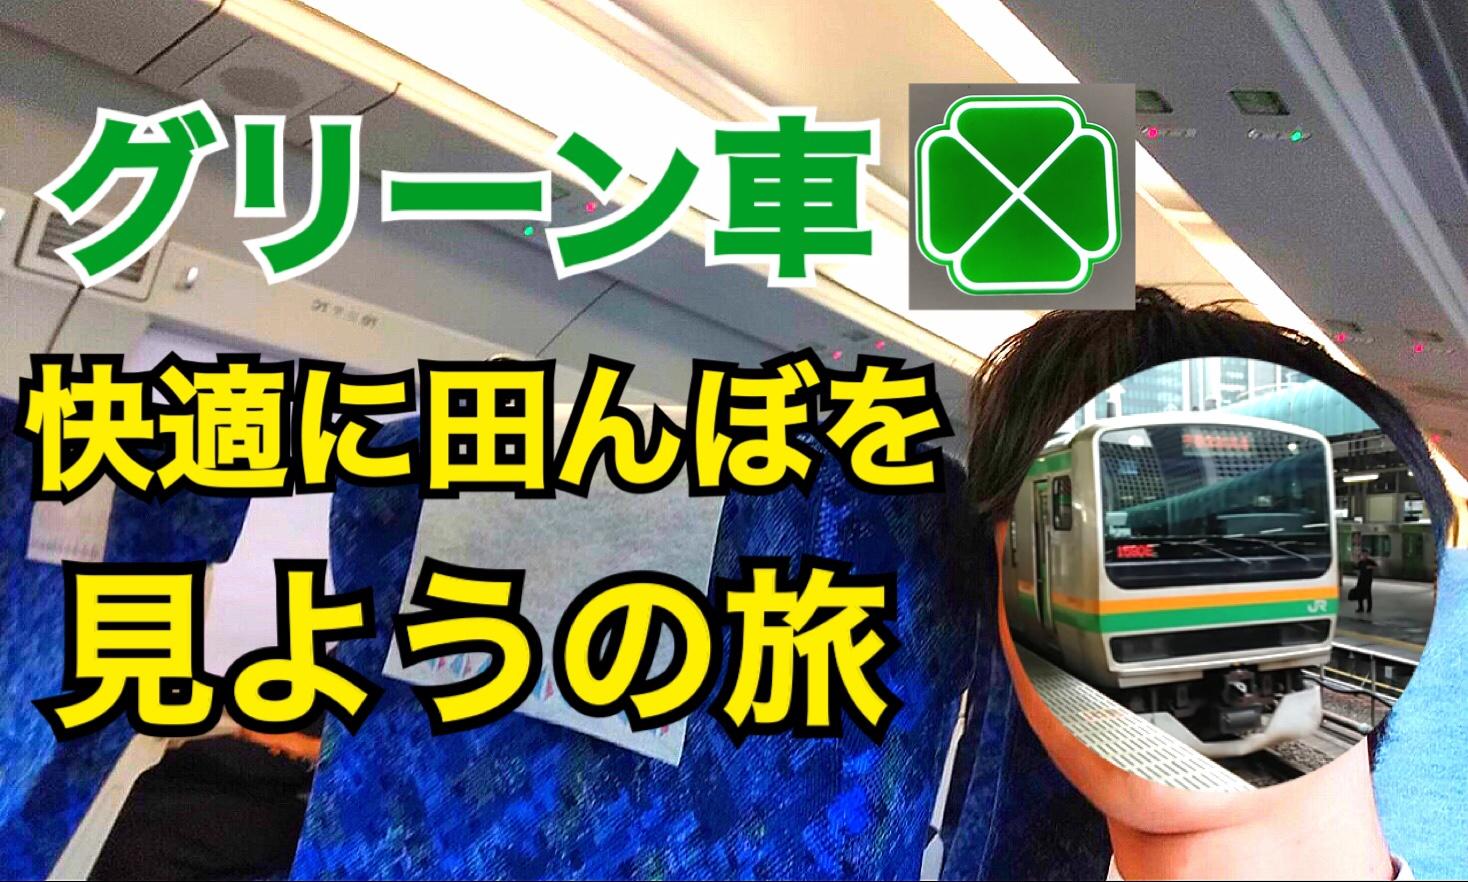 宇都宮線をグリーン車で快適に!関東平野の意外な特徴とは?【夏の東日本紀行2019】